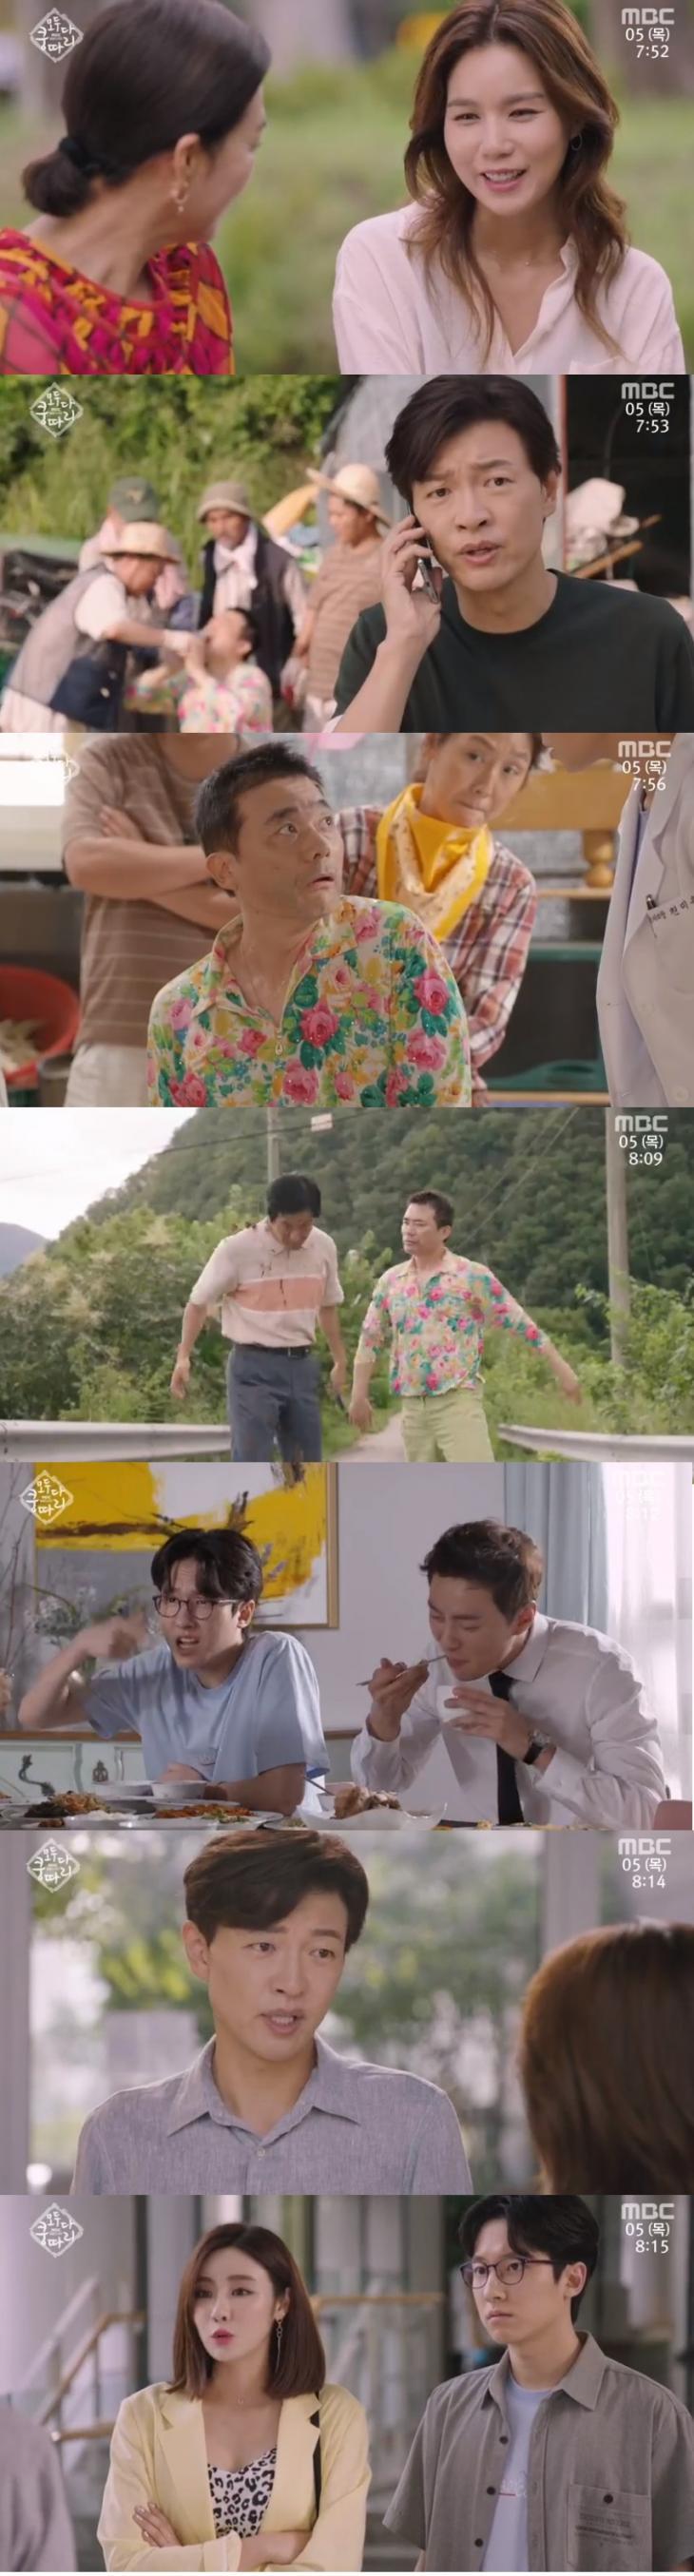 박시은 김호진 강석정 서혜진 이보희 / MBC '모두 다 쿵따리' 캡처